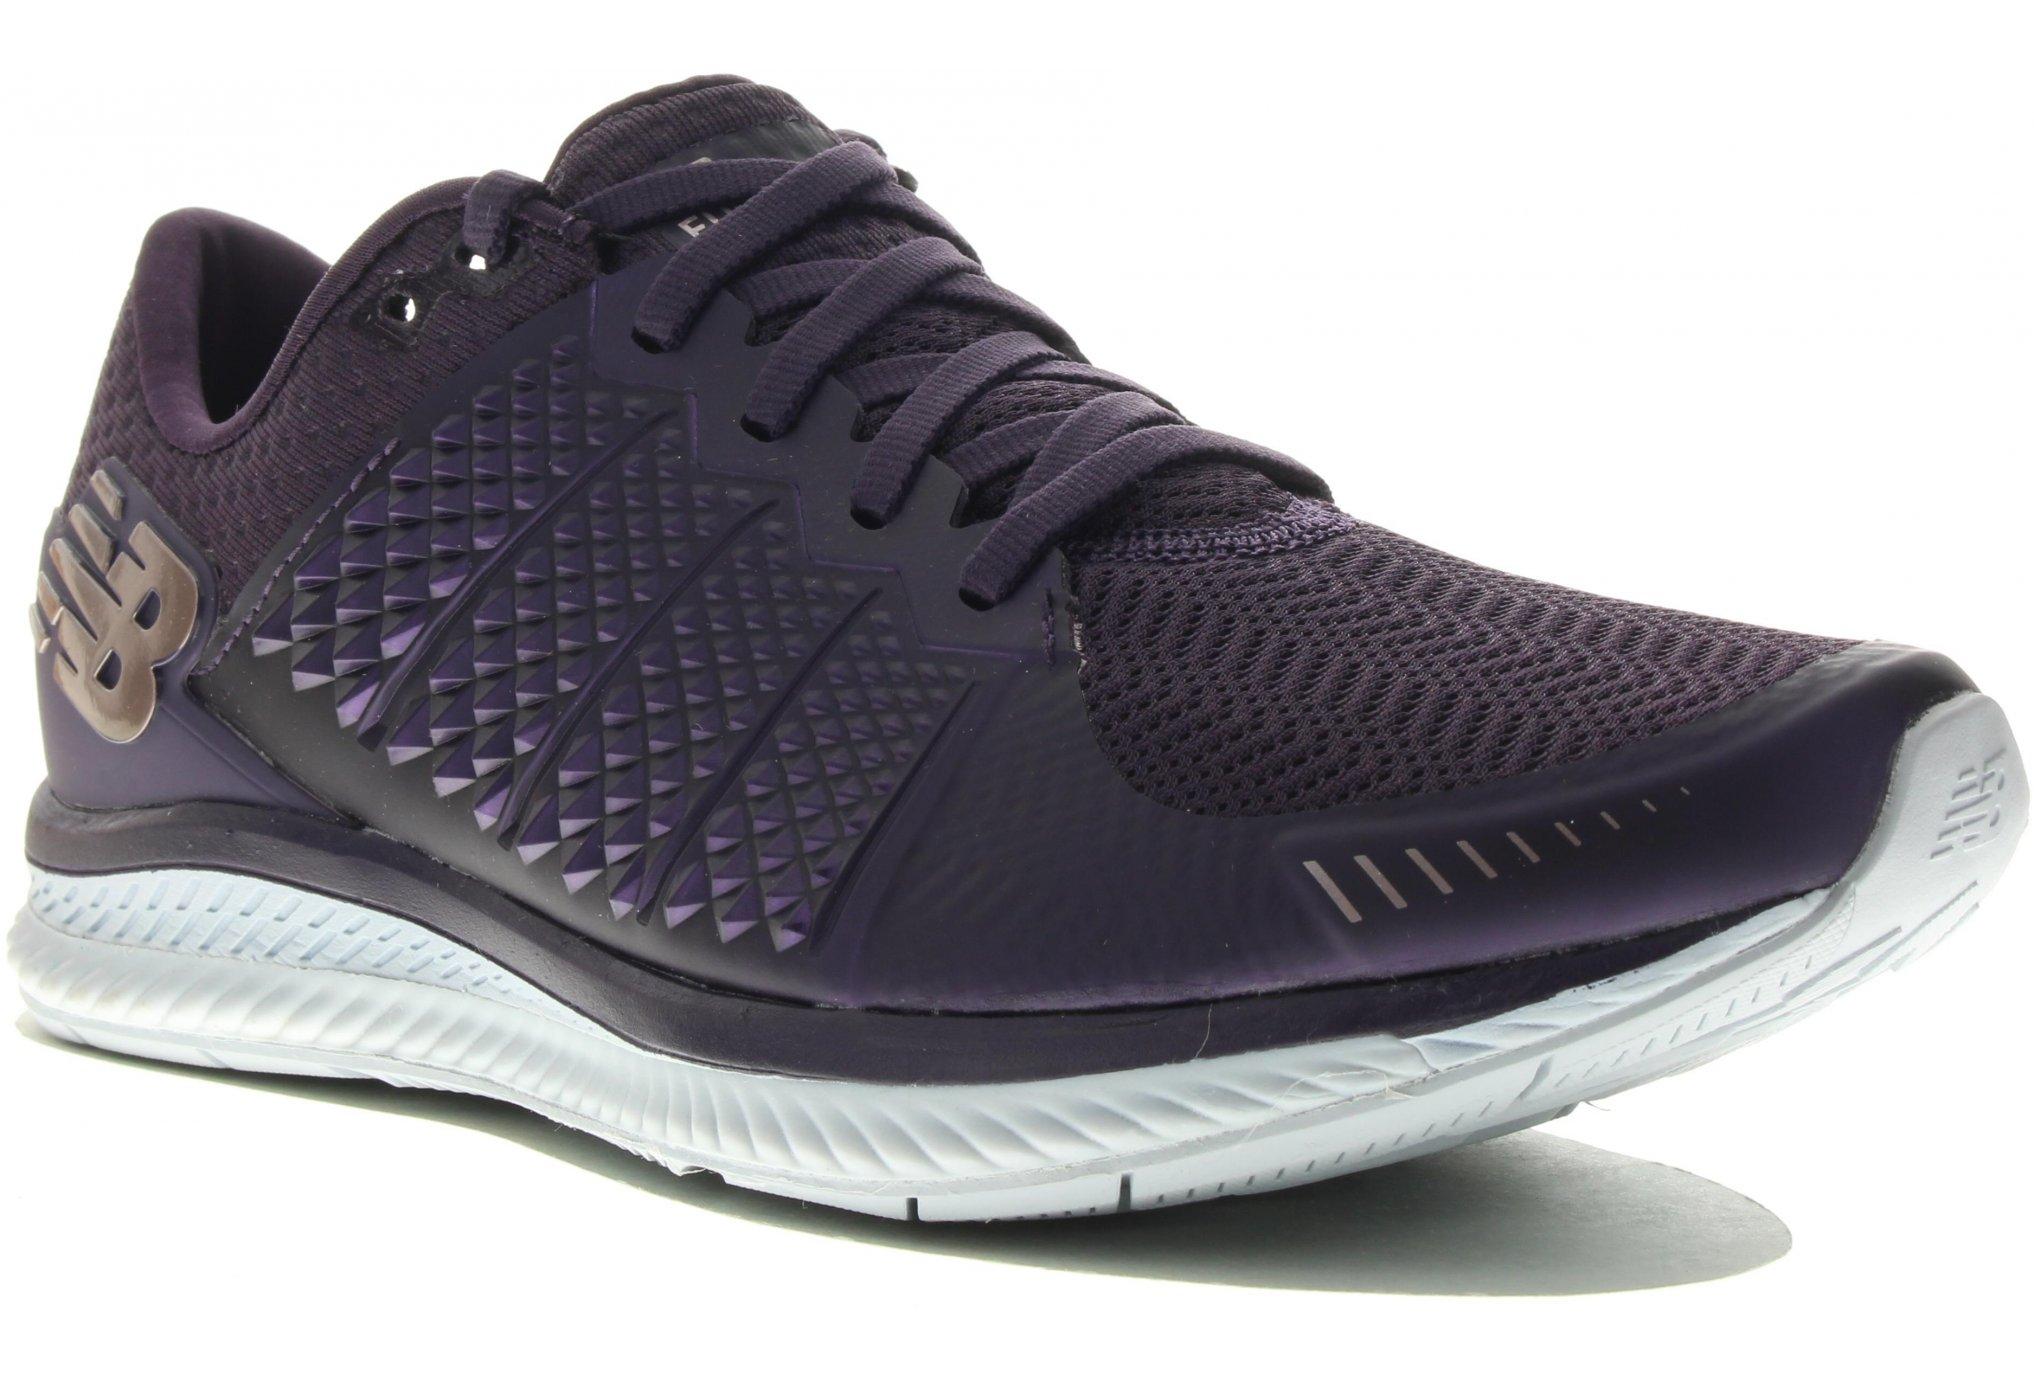 New Balance FuelCell W Diététique Chaussures femme